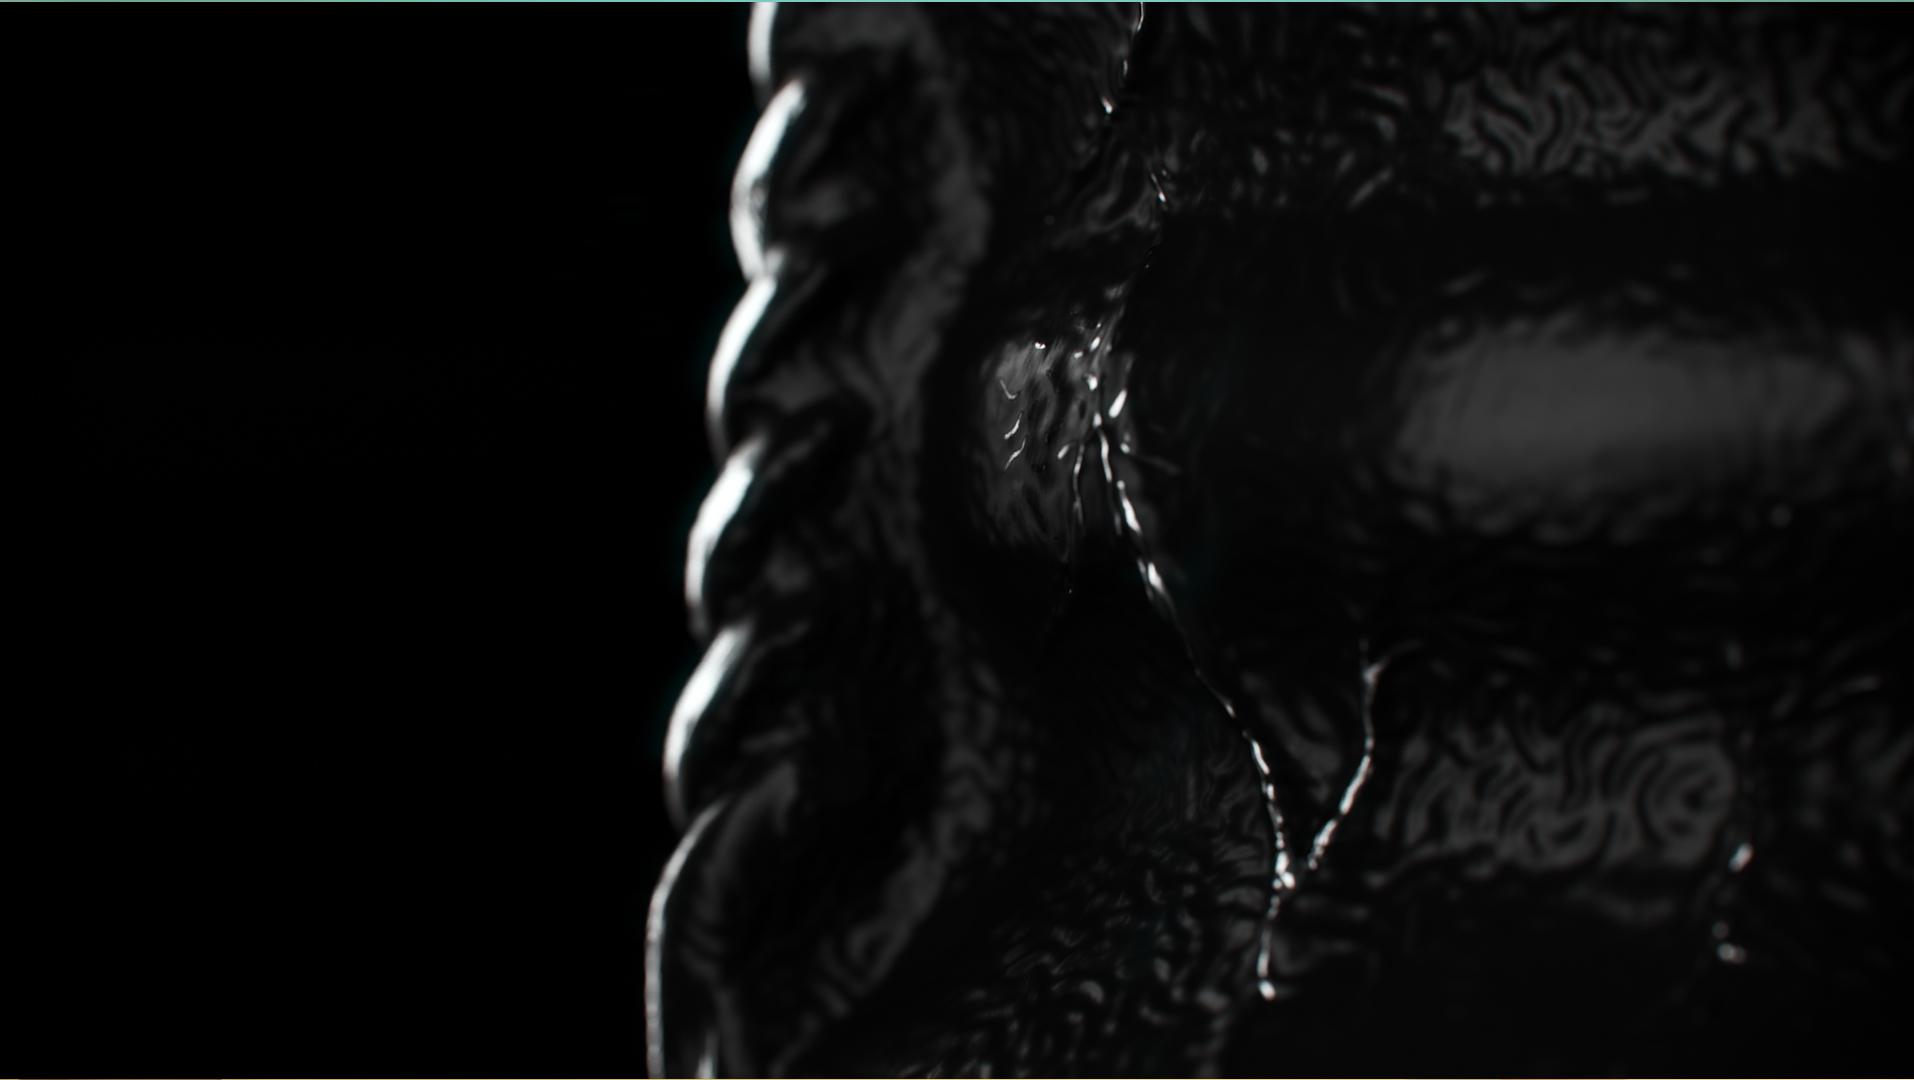 GALERIE-Dripmoon-Studio 3D-Tours-Motion design - Veuve Clicquot - La grande dame - Packshot 2